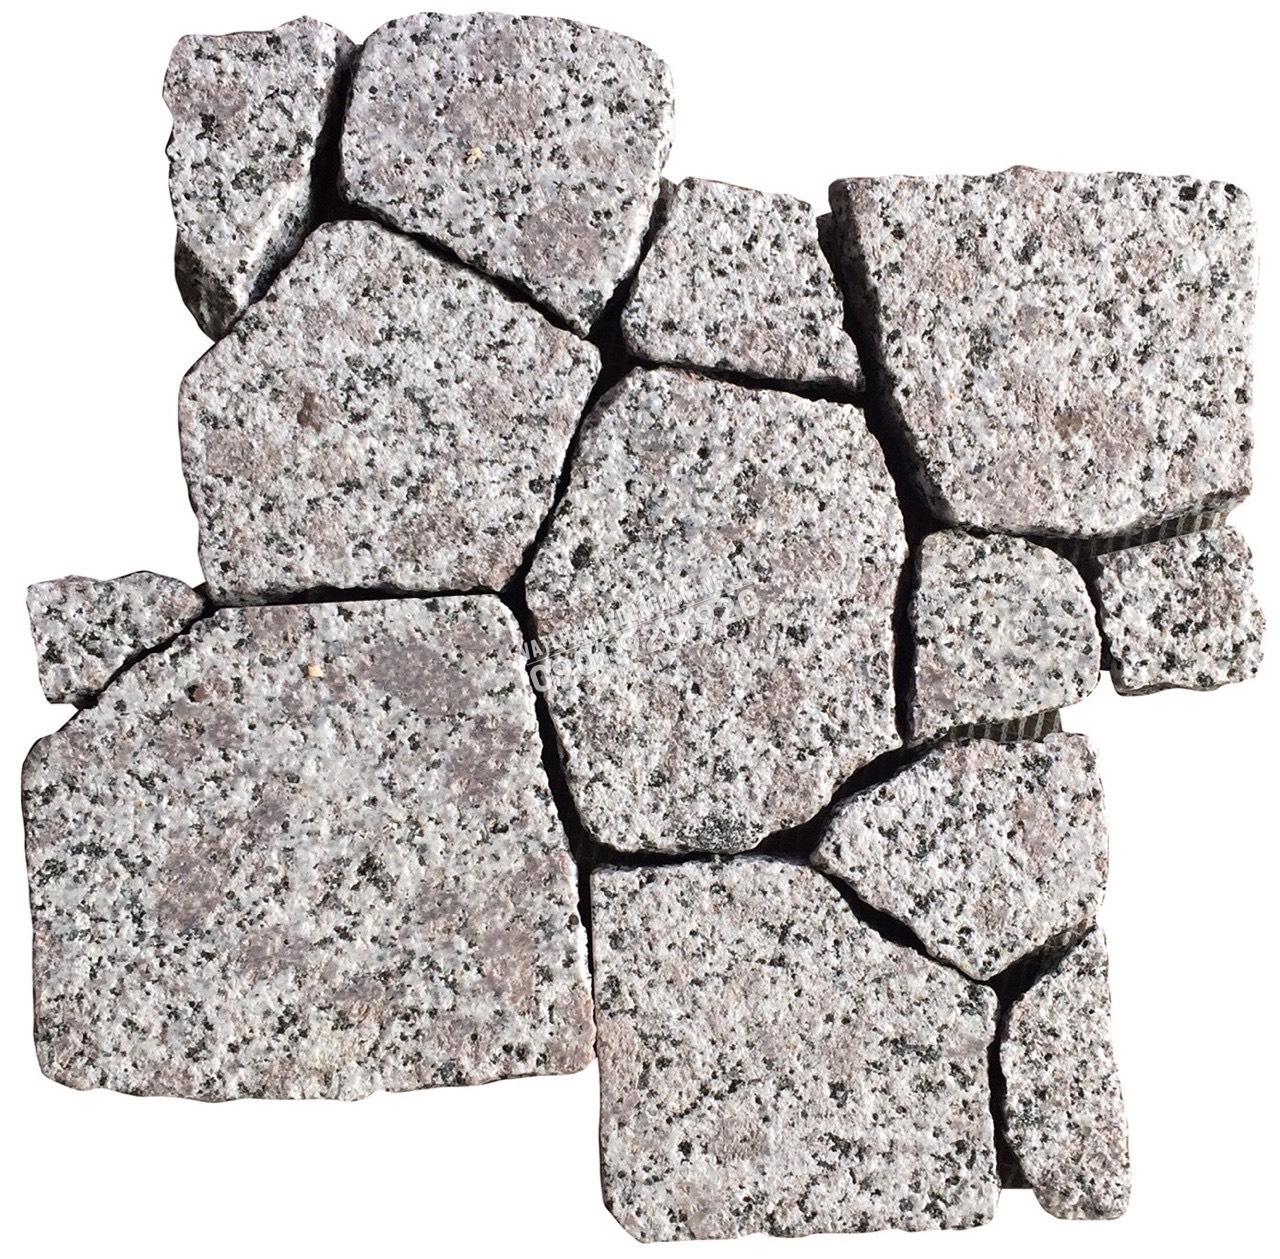 đá mosaic trắng sao băm